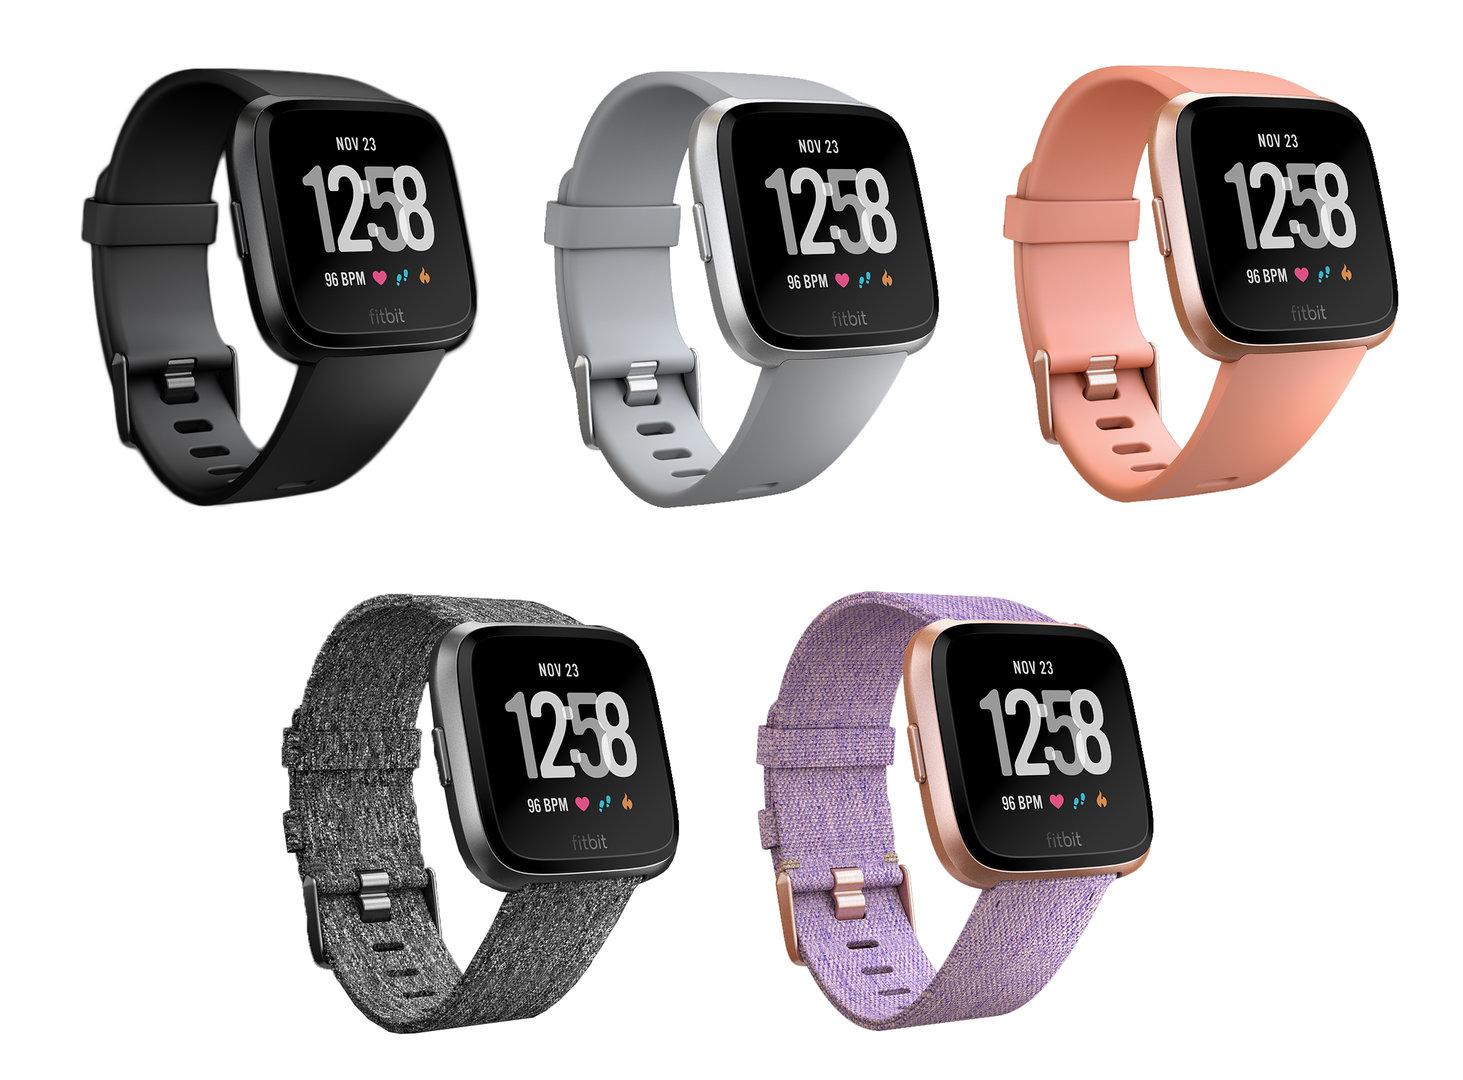 Fitbit Versa: Modelle